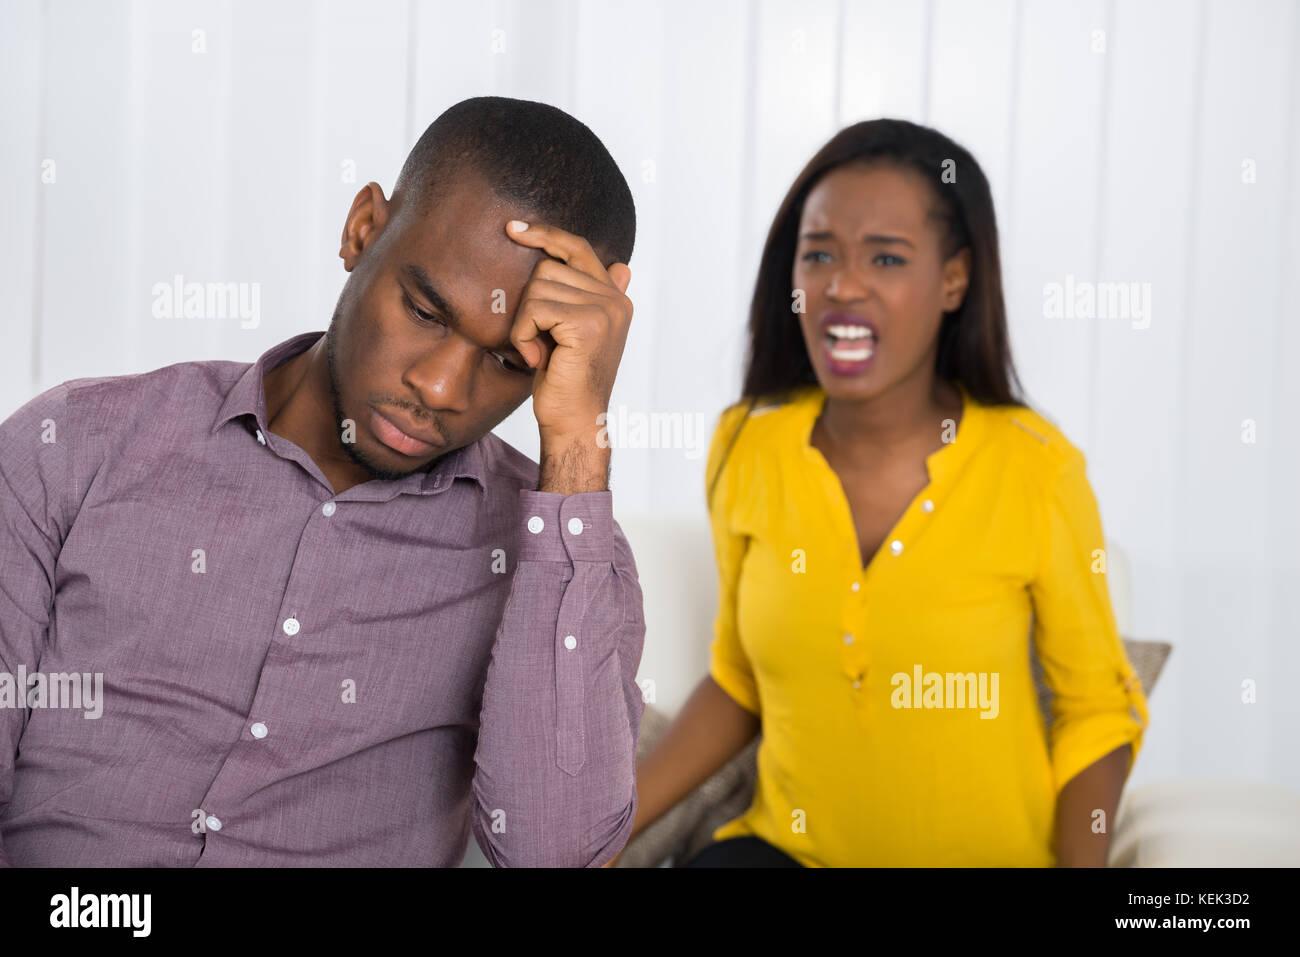 Infelice giovane donna avente argomento con uomo a casa Immagini Stock